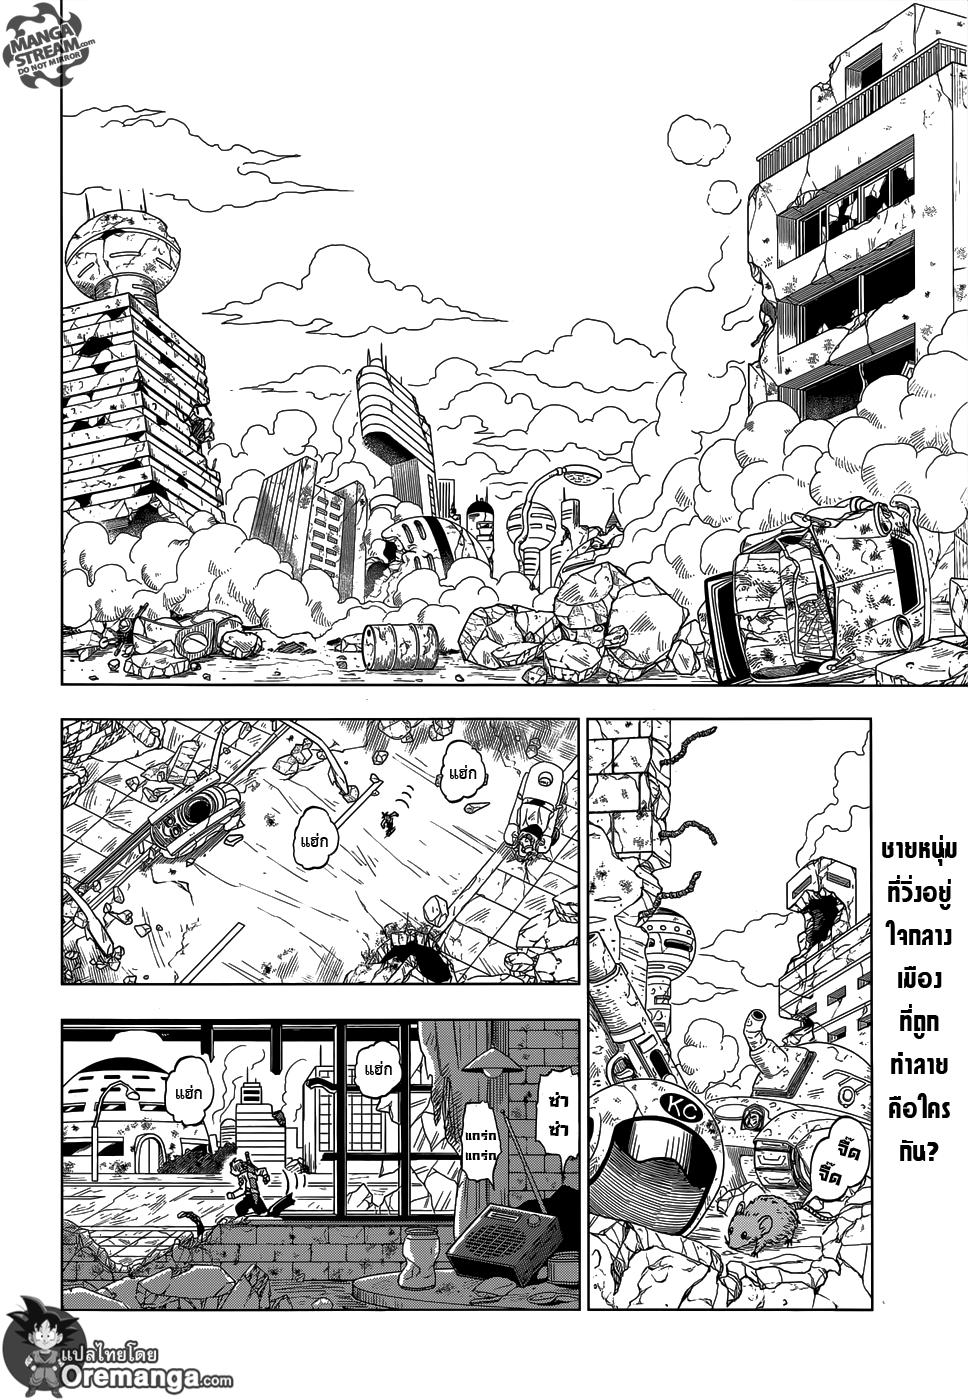 อ่านการ์ตูน Dragonball Super ตอนที่ 14 หน้าที่ 2